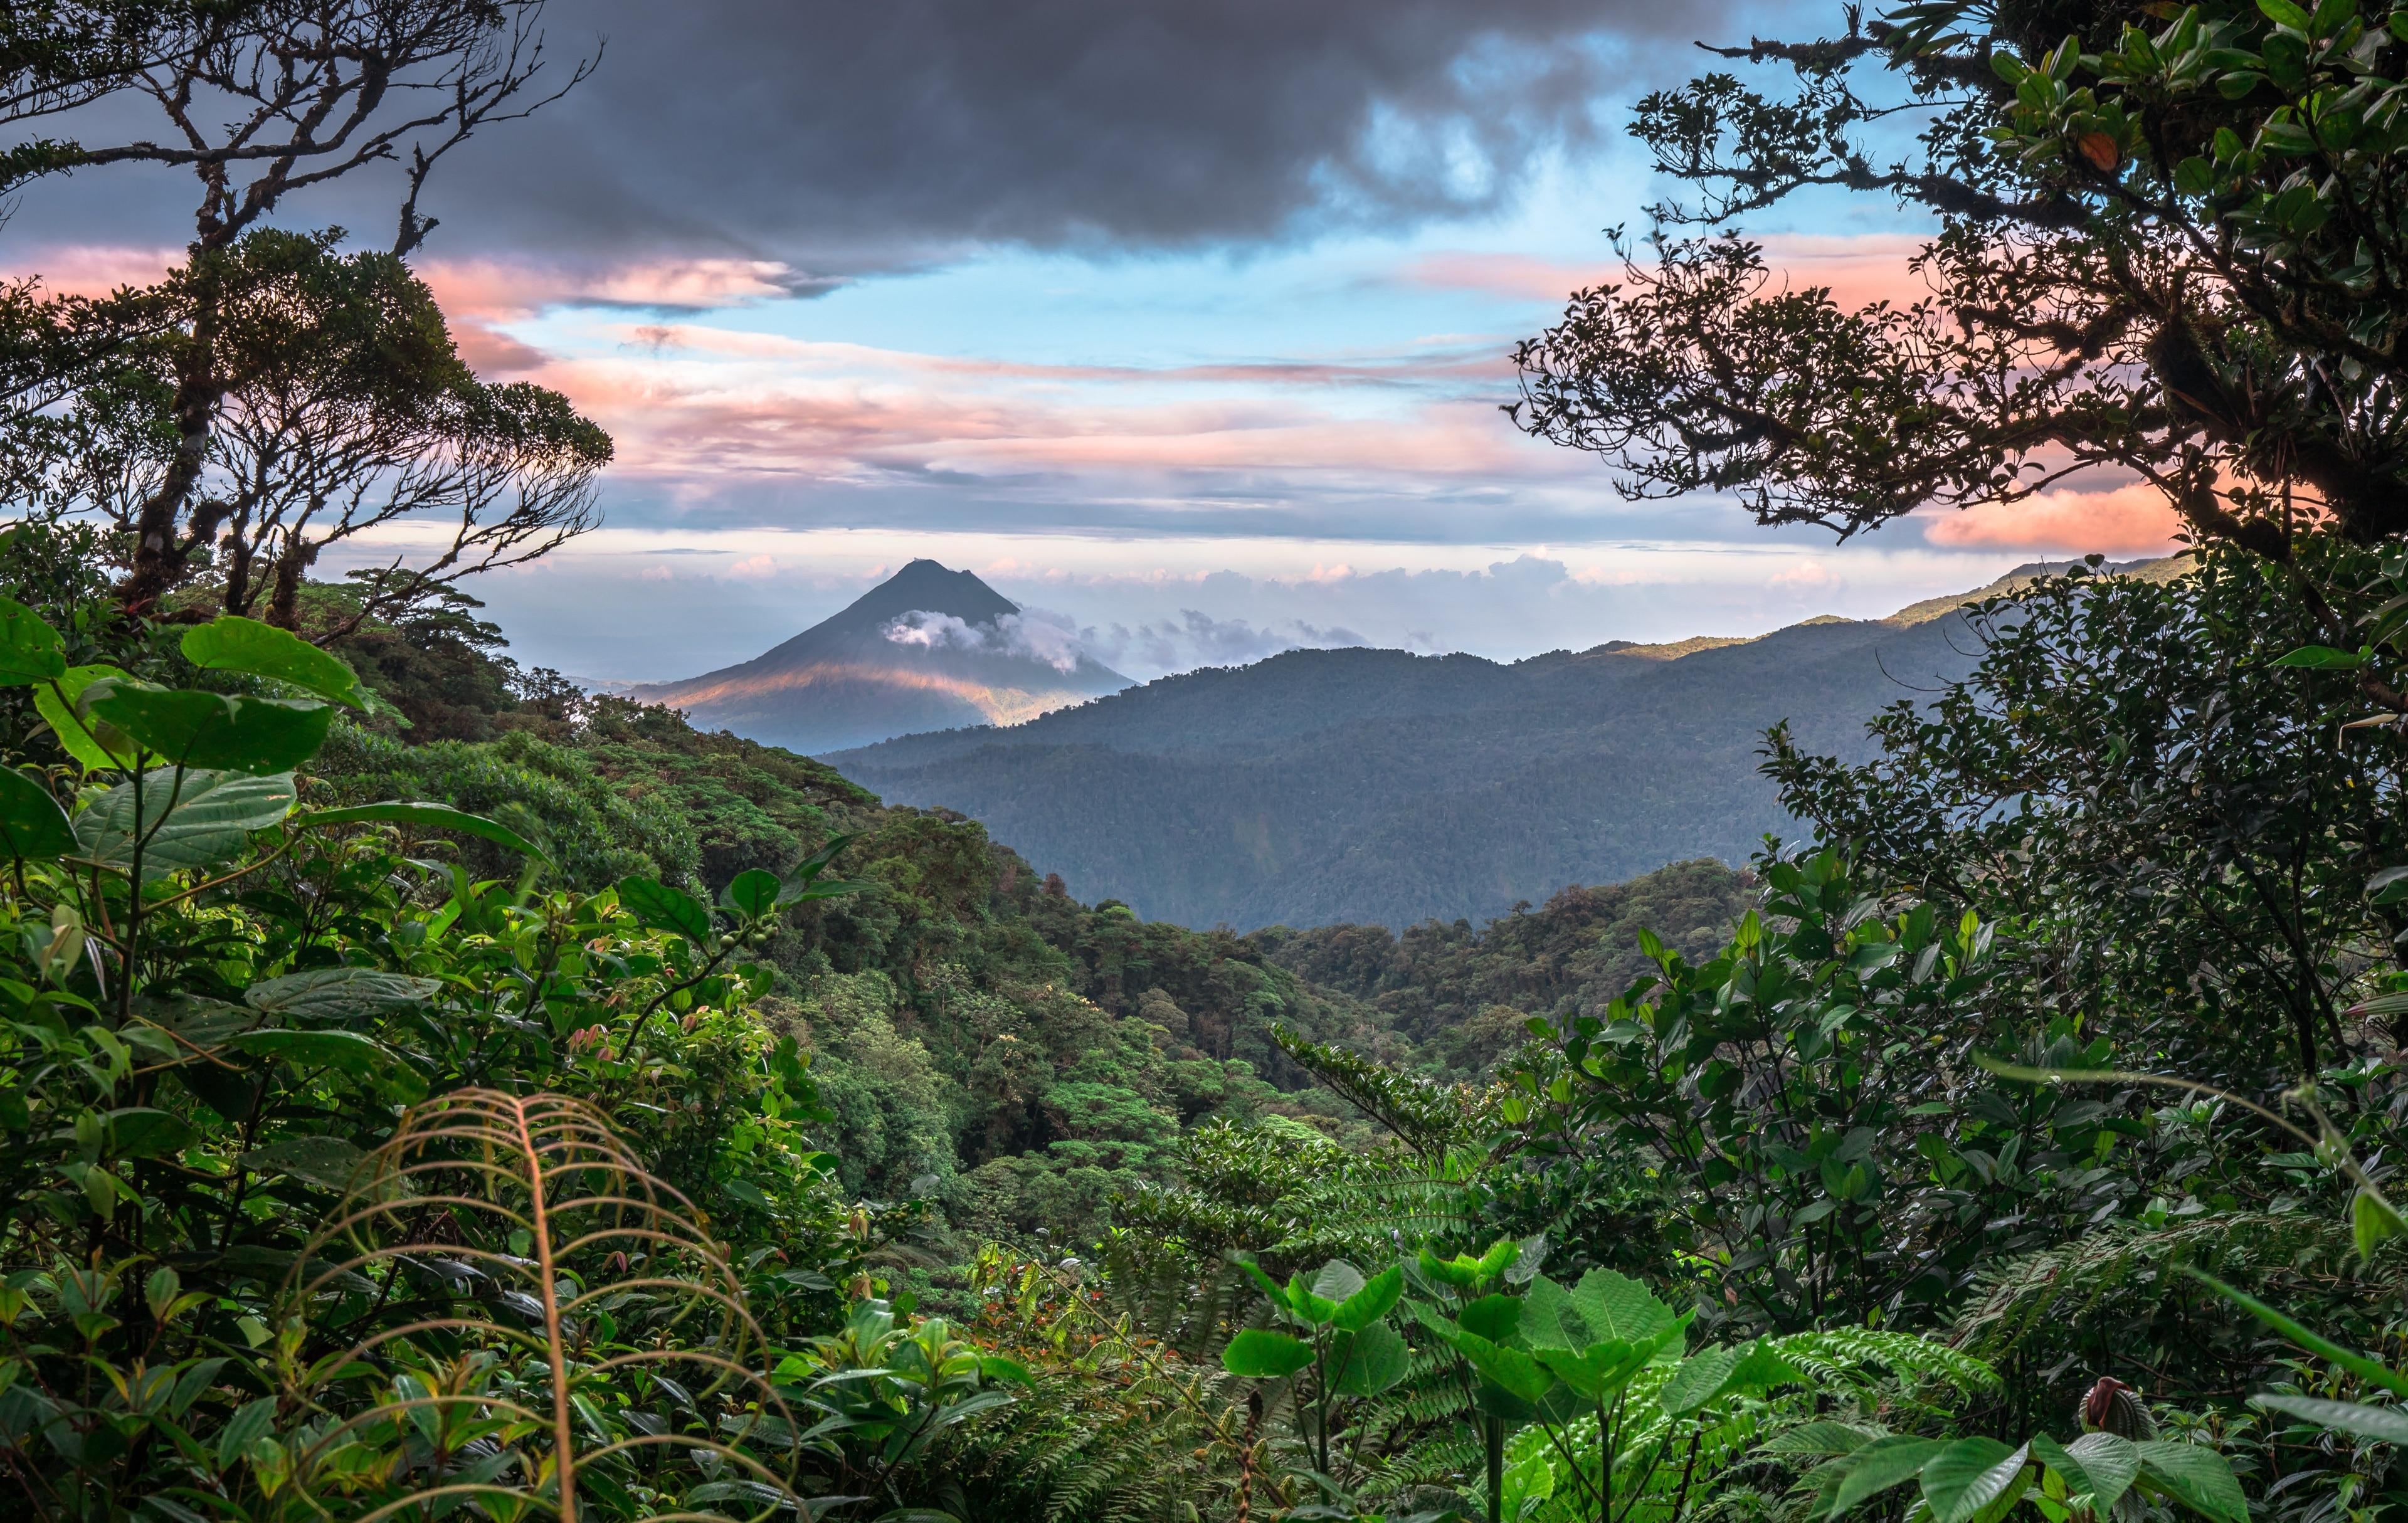 Central Pacific Coast, Costa Rica